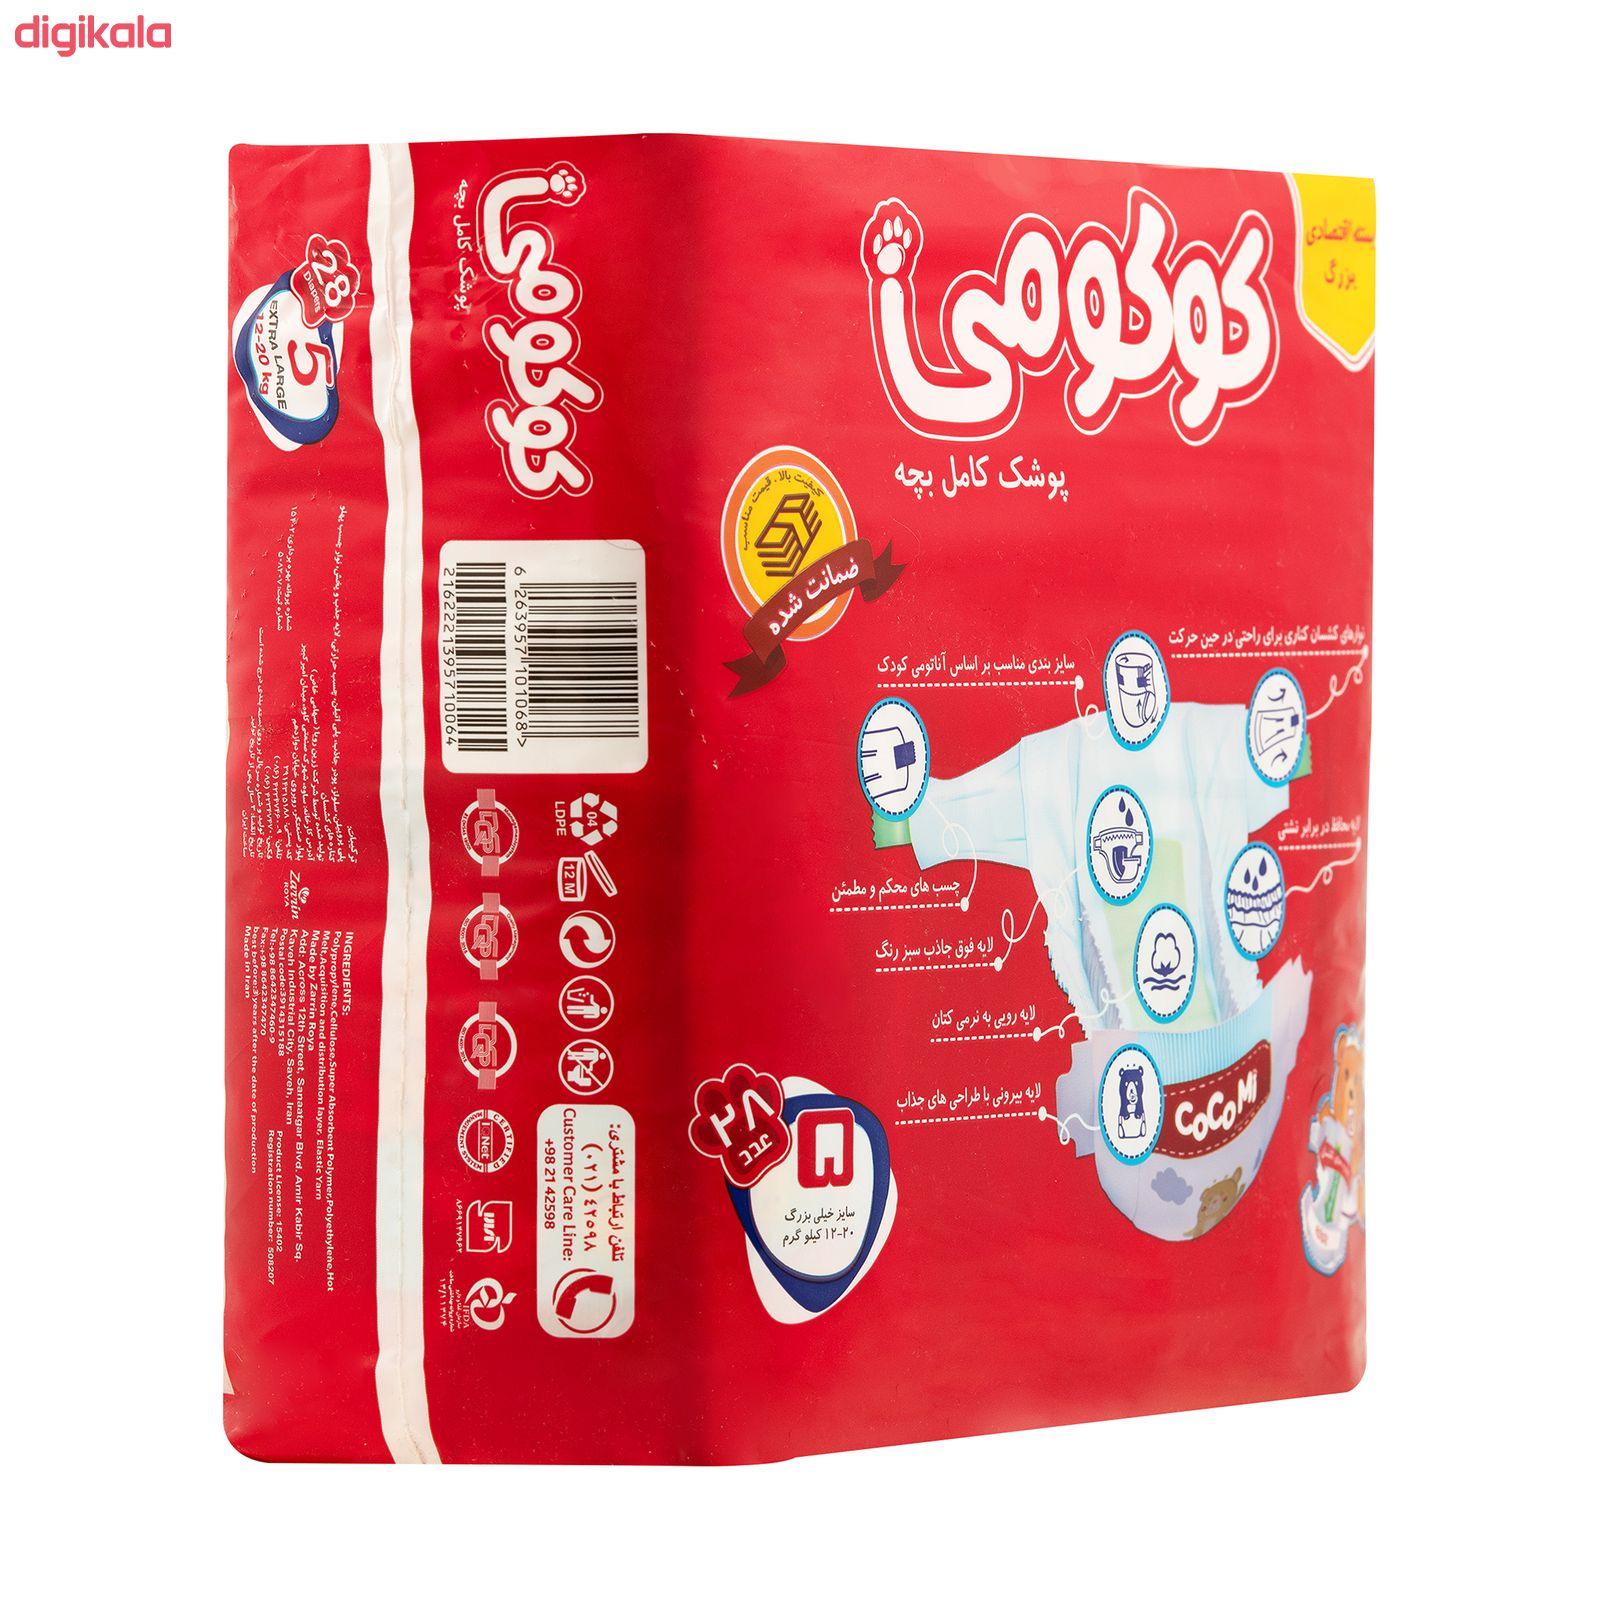 پوشک کوکومی مدل Economy Pack سایز 5 بسته 28 عددی main 1 6